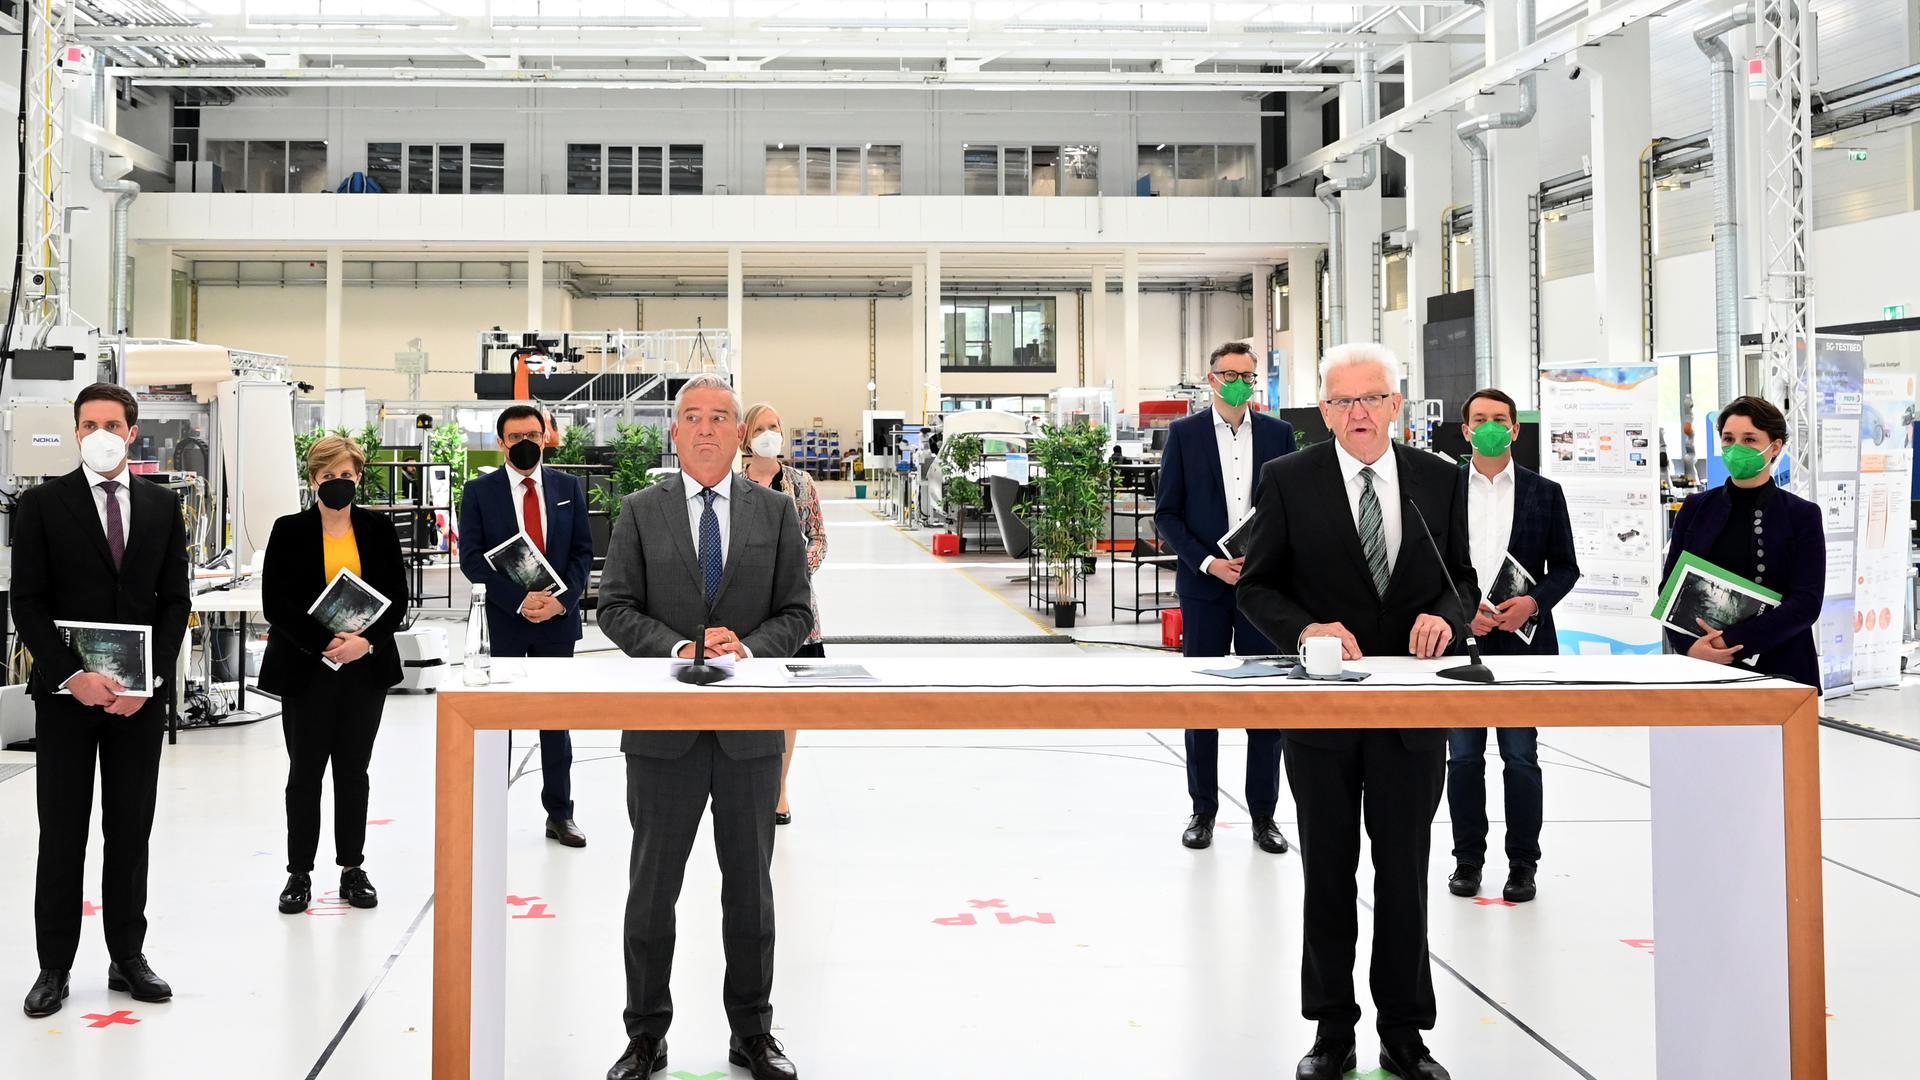 Ministerpräsident Winfried Kretschmann (vorne r, Grüne) und der stellvertretende Ministerpräsident Thomas Strobl ( vorne l, CDU) stellen den Koalitionsvertrag der neuen grün-schwarzen Landesregierung in Baden-Württemberg vor.